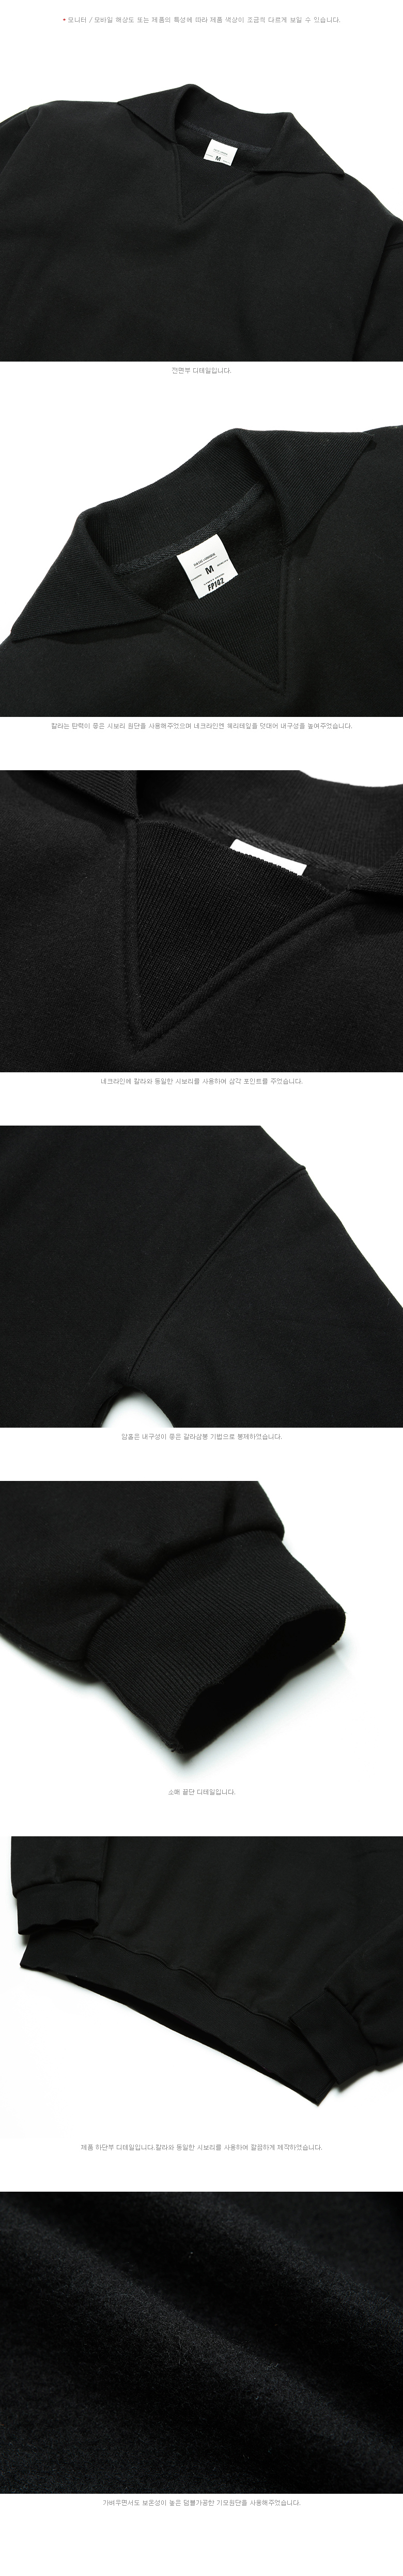 4_SKMT1209_detail_black_02.jpg